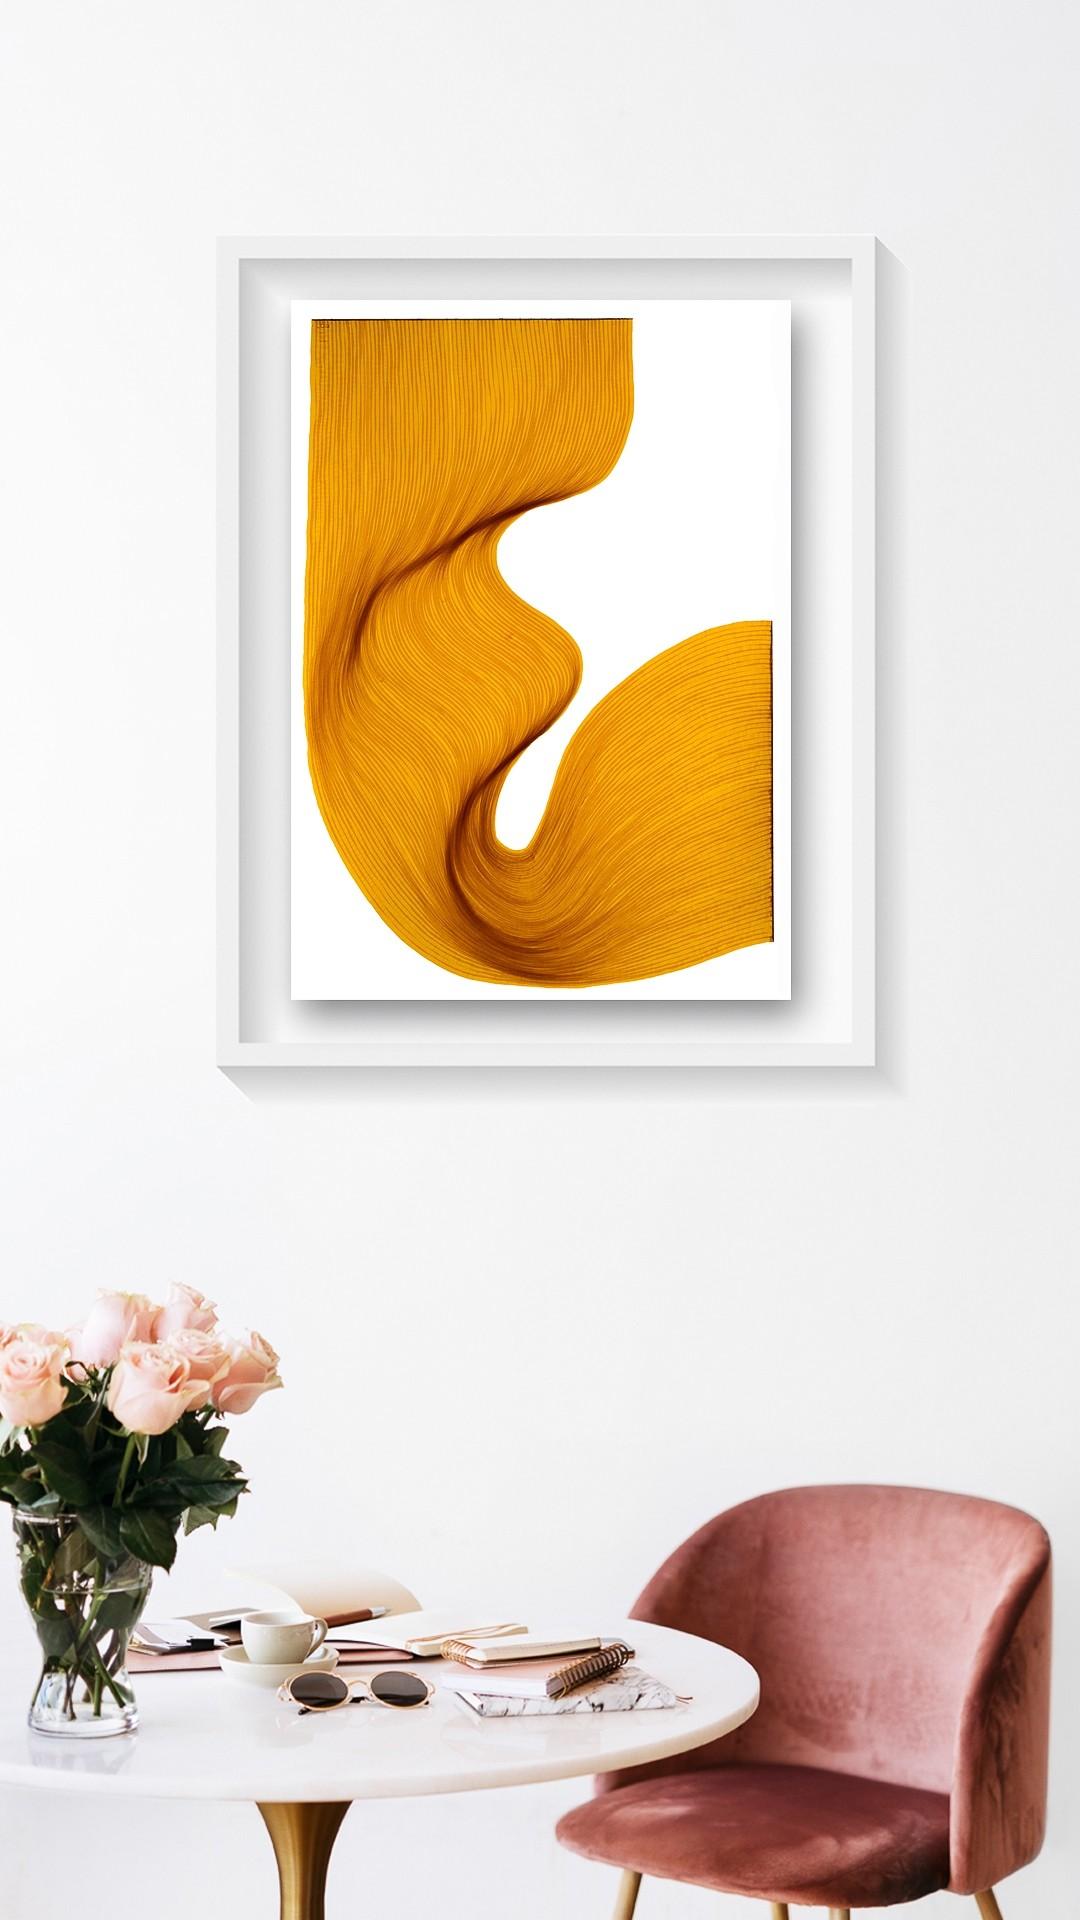 Old Sunlight Fold | Lali Torma | Zeichnung | Kalligraphietusche auf Papier, gerahmt - 2